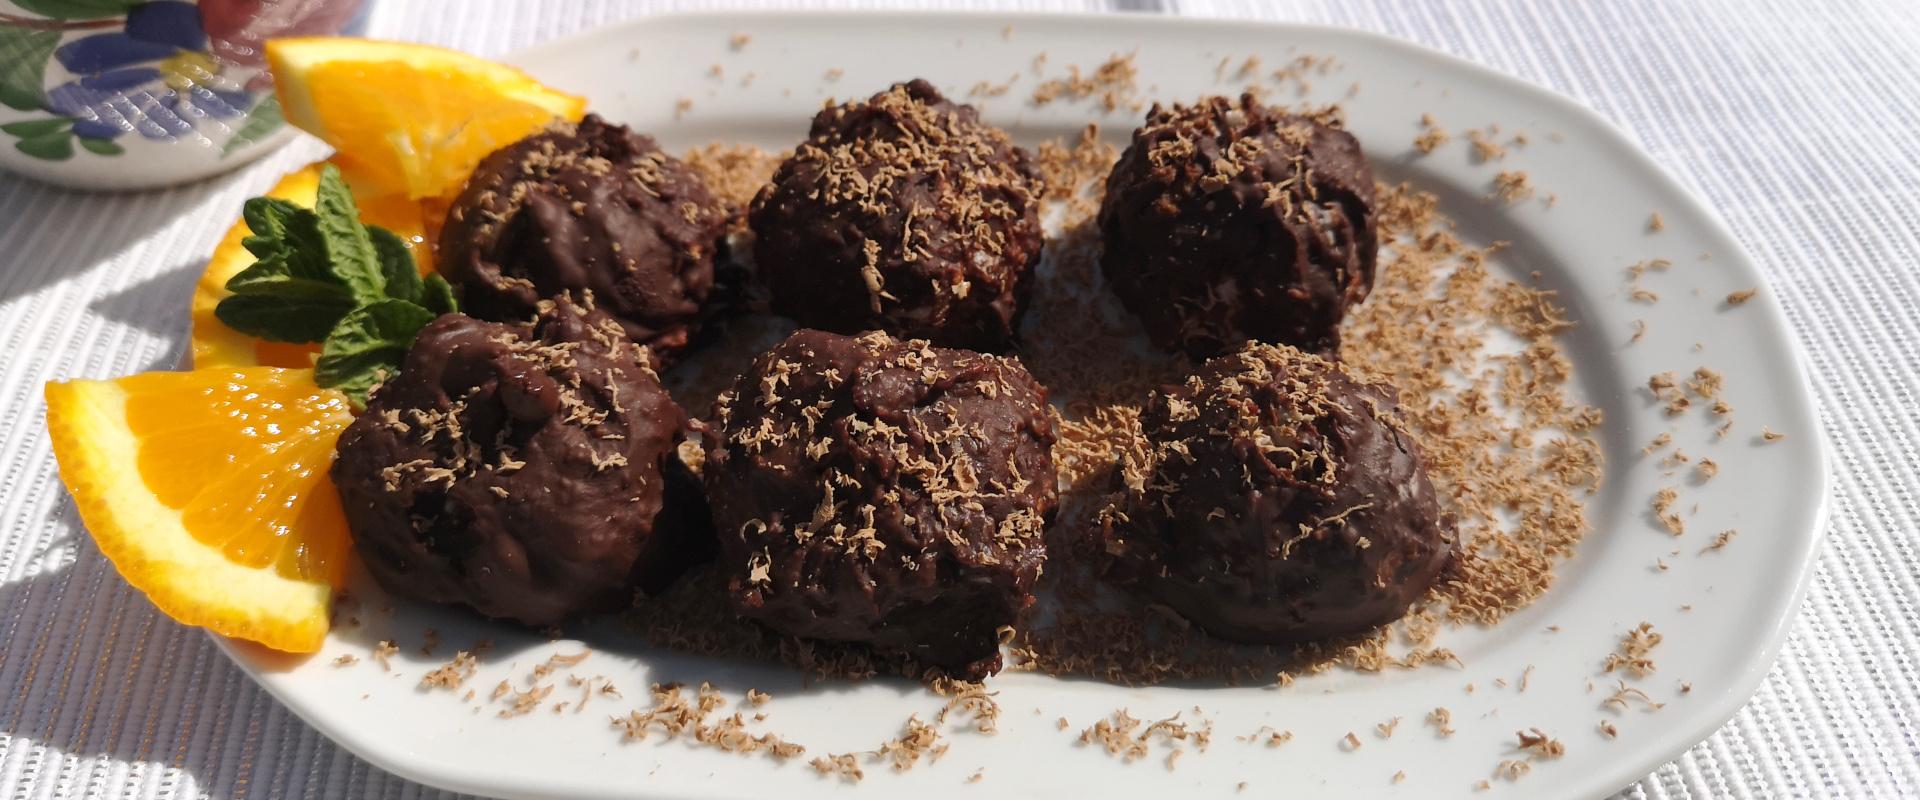 csokival borított görög joghurtos kókuszgolyó cover